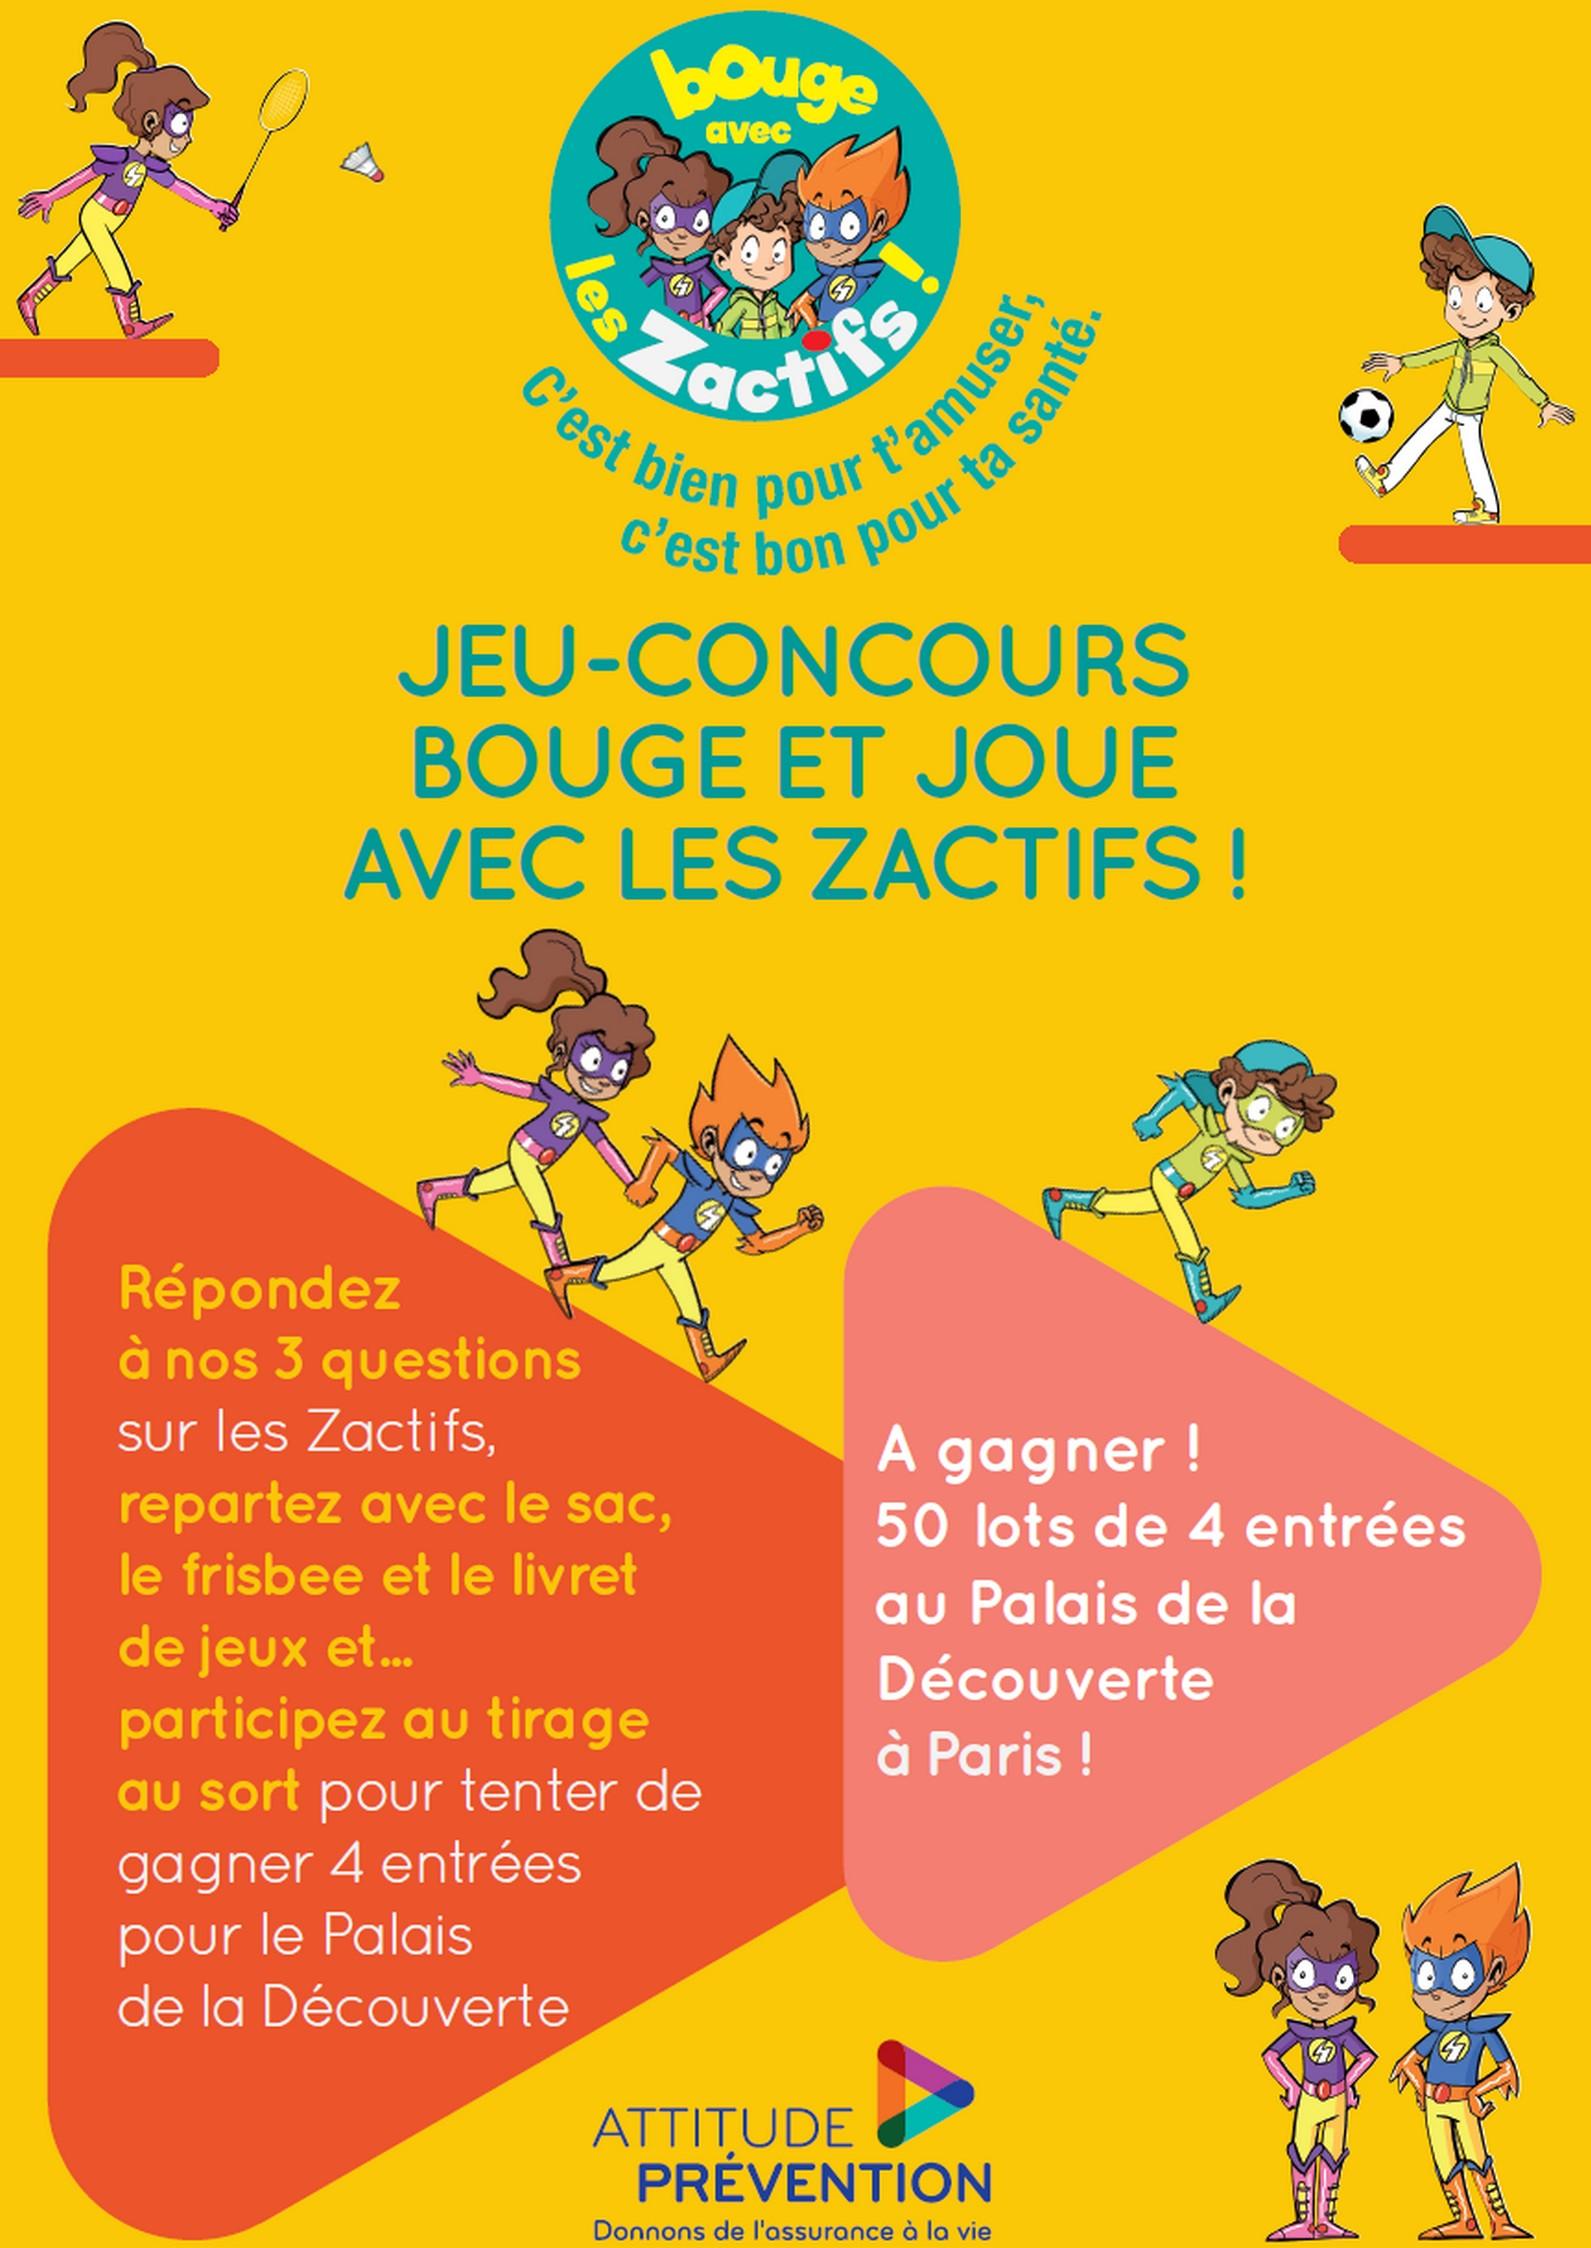 """Affiche jeu-concours \""""Bouge et joue avec les Zactifs !\"""" le 10 septembre 2016"""